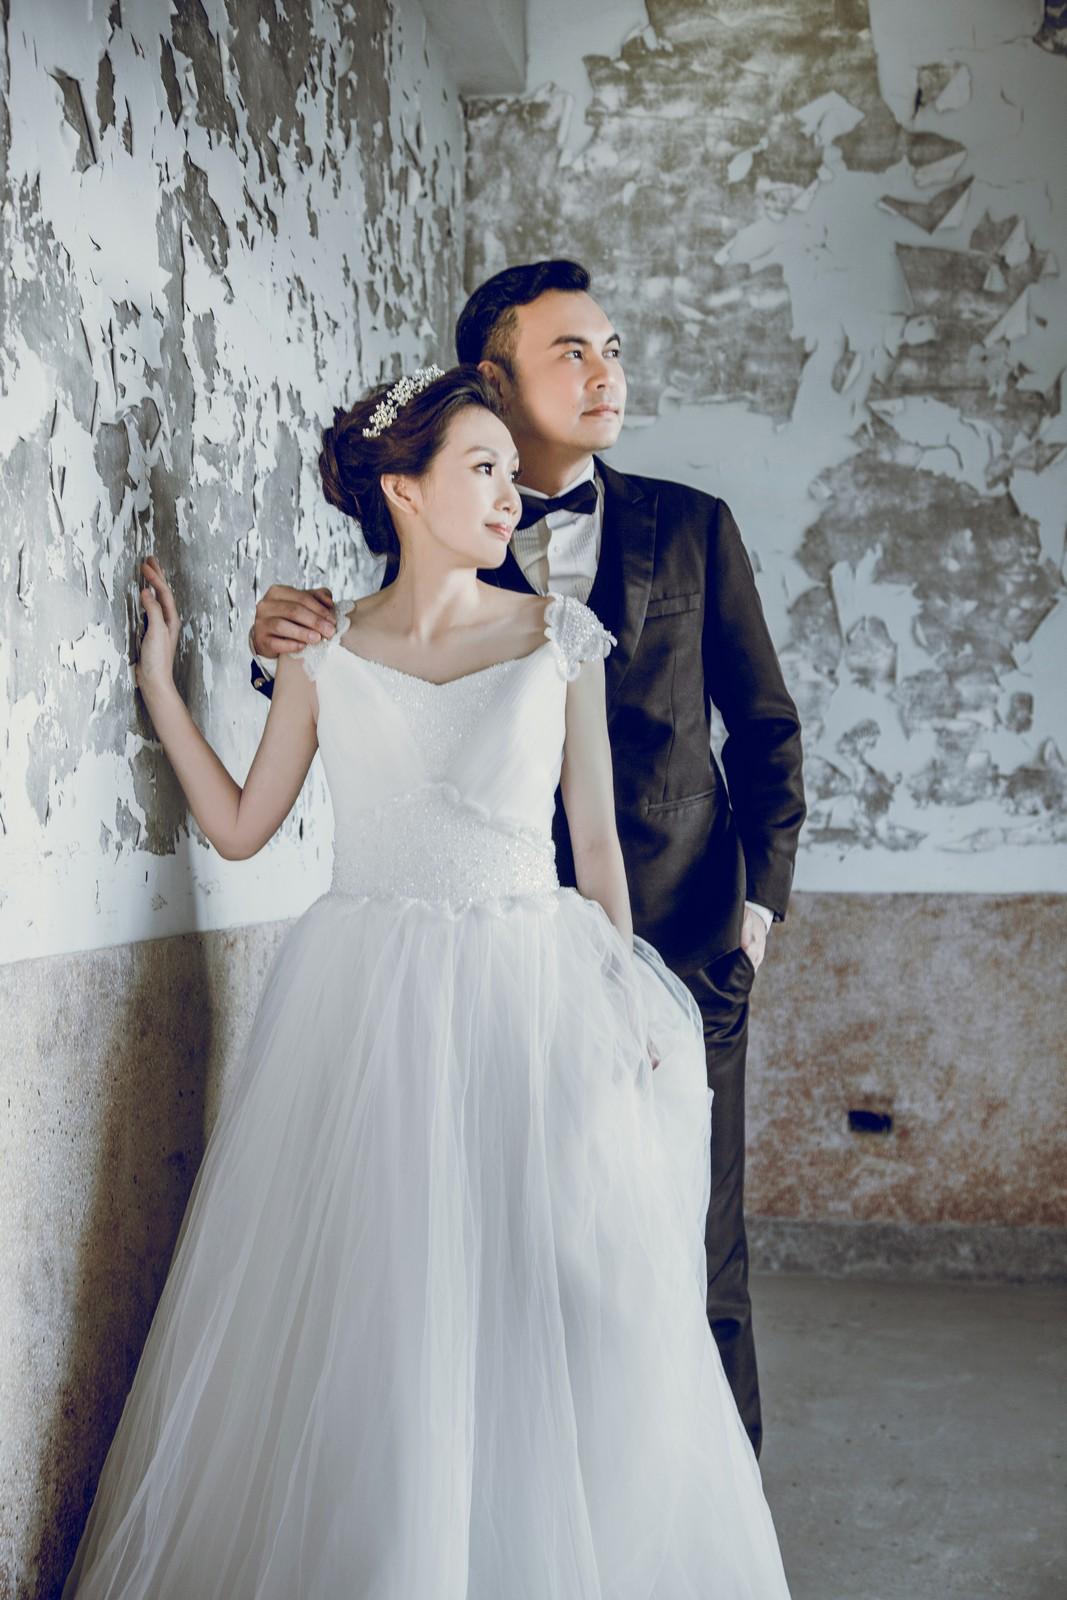 自助婚紗,自主婚紗推薦,台南 自助婚紗,tn12